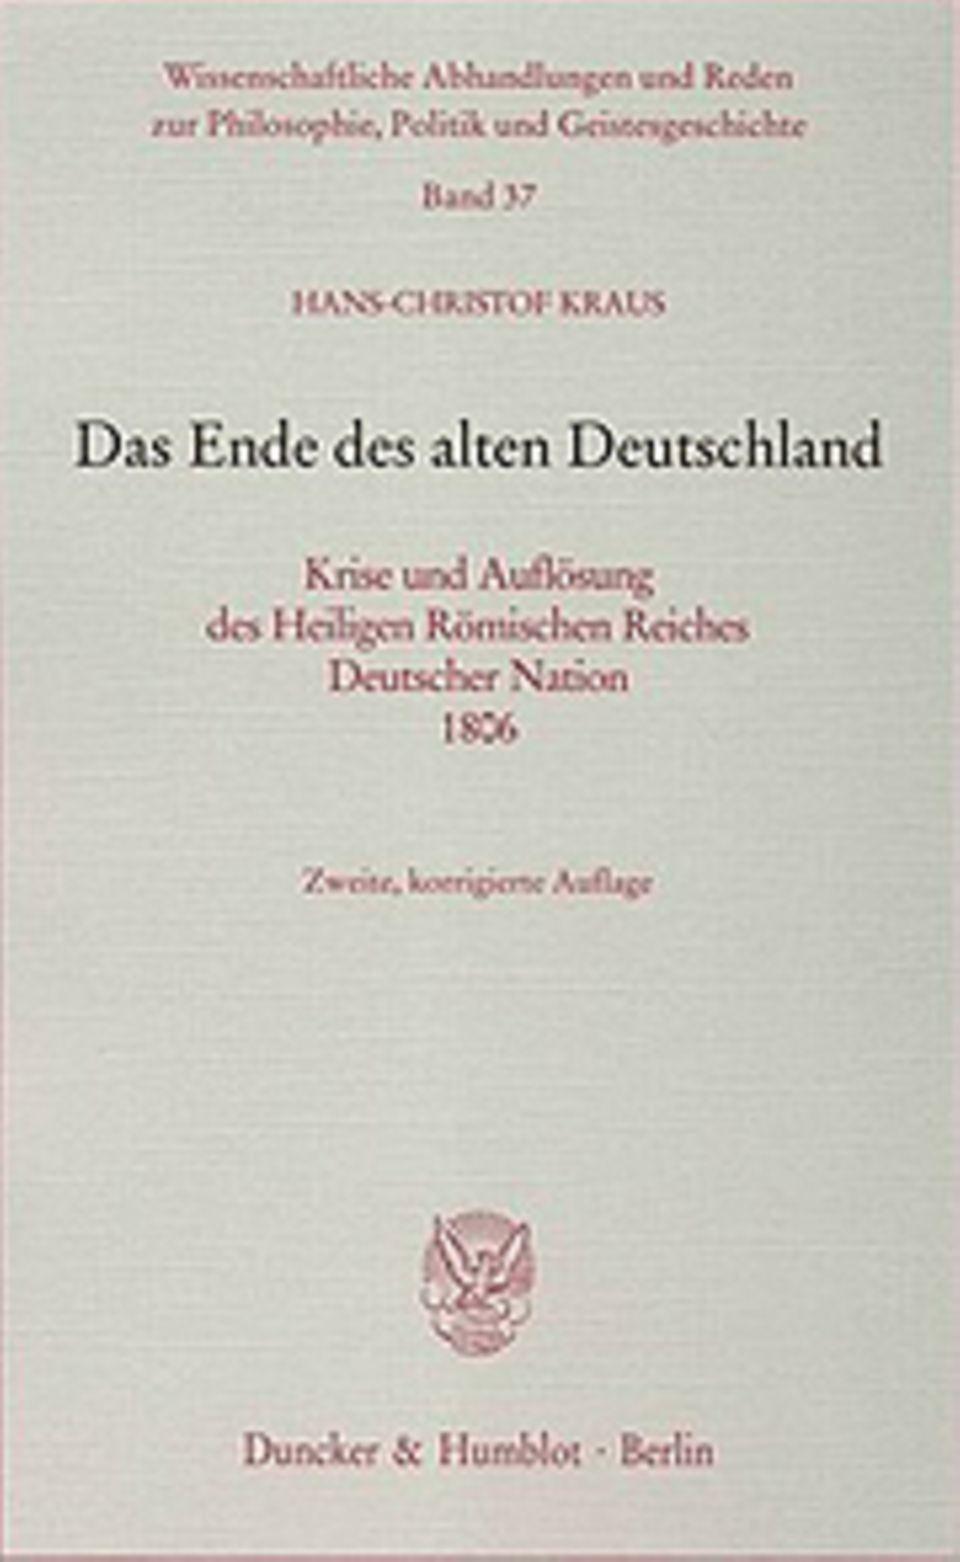 Die Deutsche Romantik: GEOEPOCHE-Buchtipps: Die Deutsche Romantik